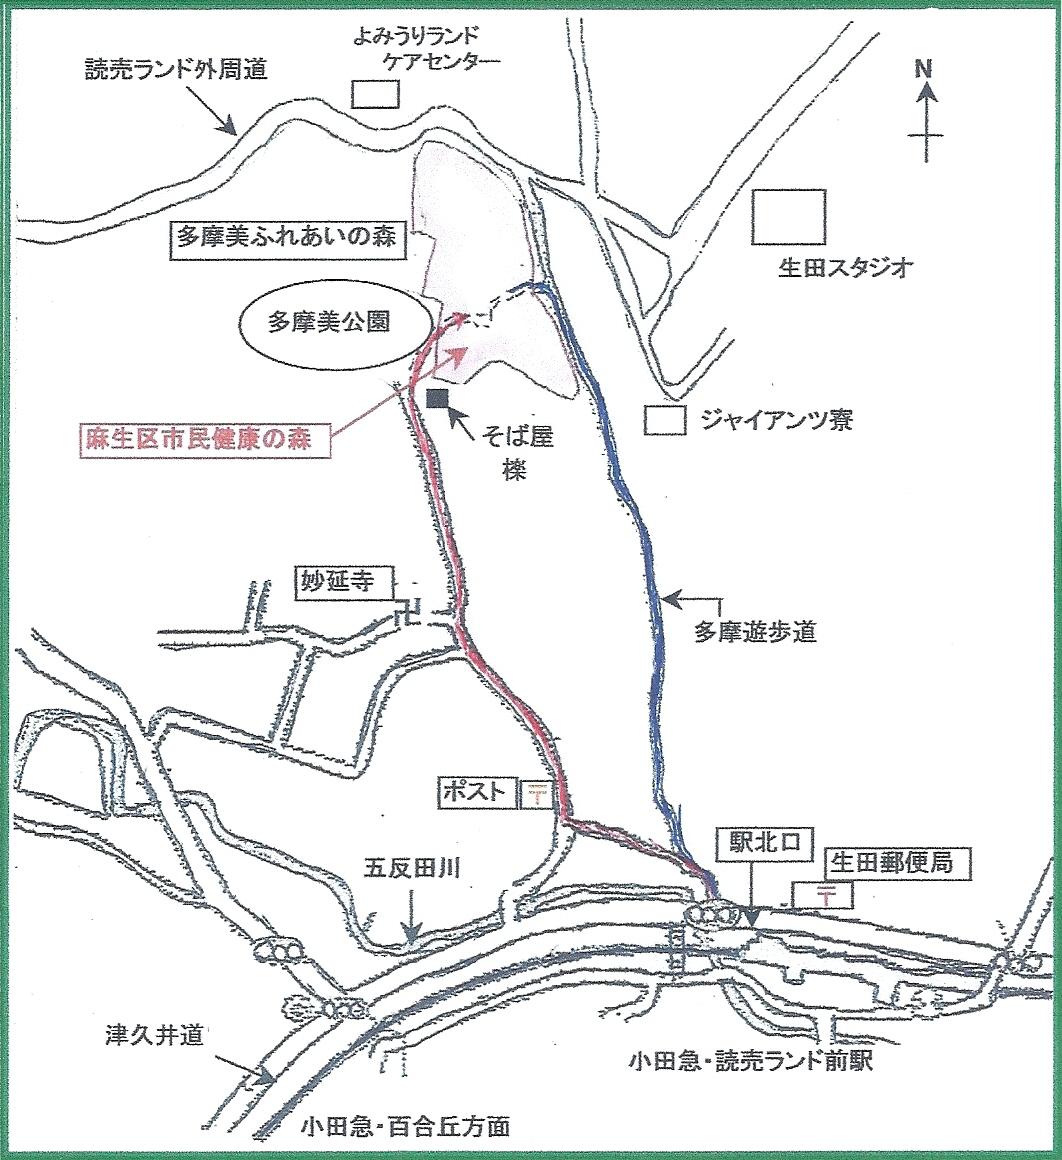 007mano-access